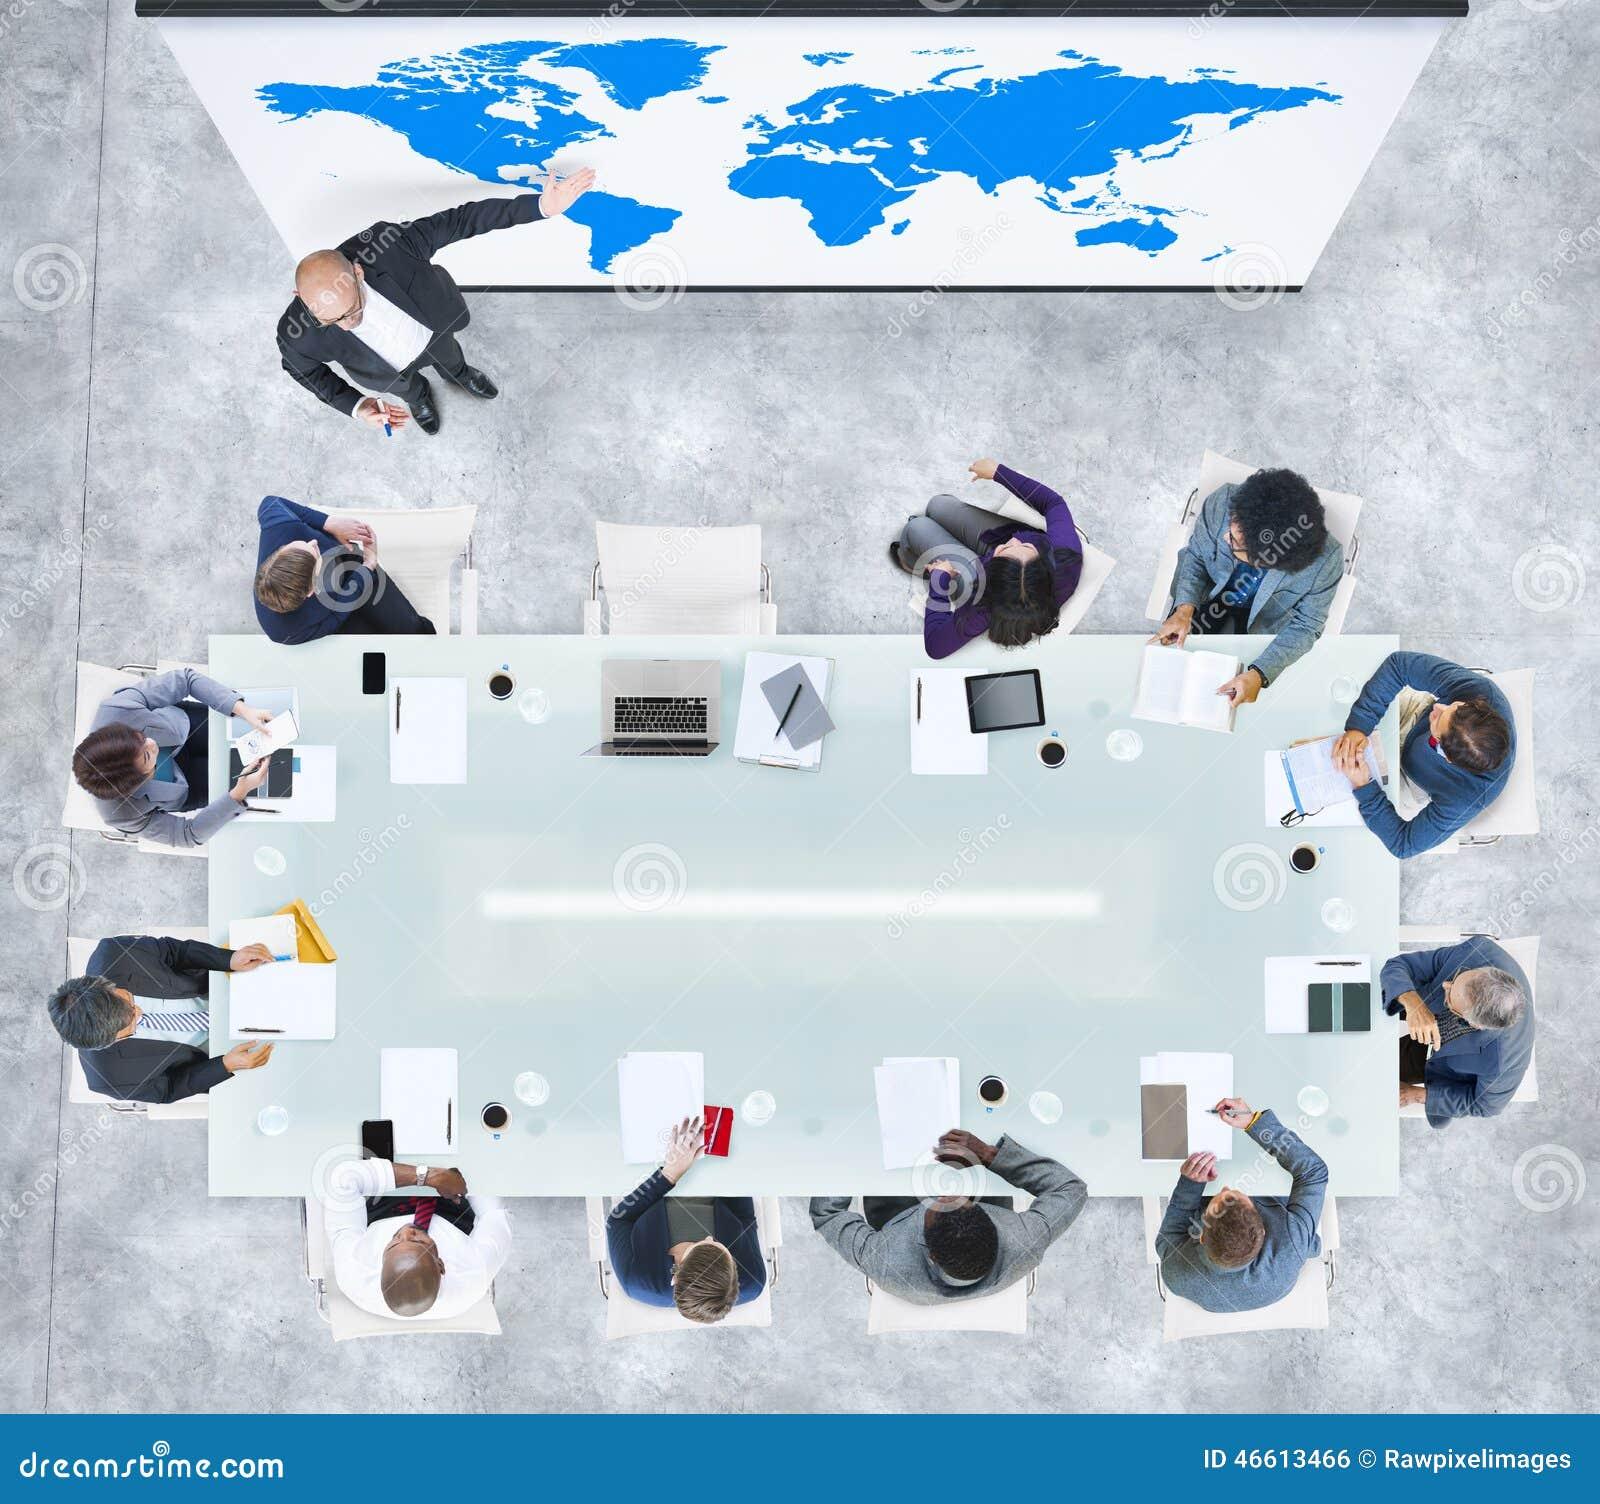 Globale Bedrijfspresentatie in een Eigentijds Bureau